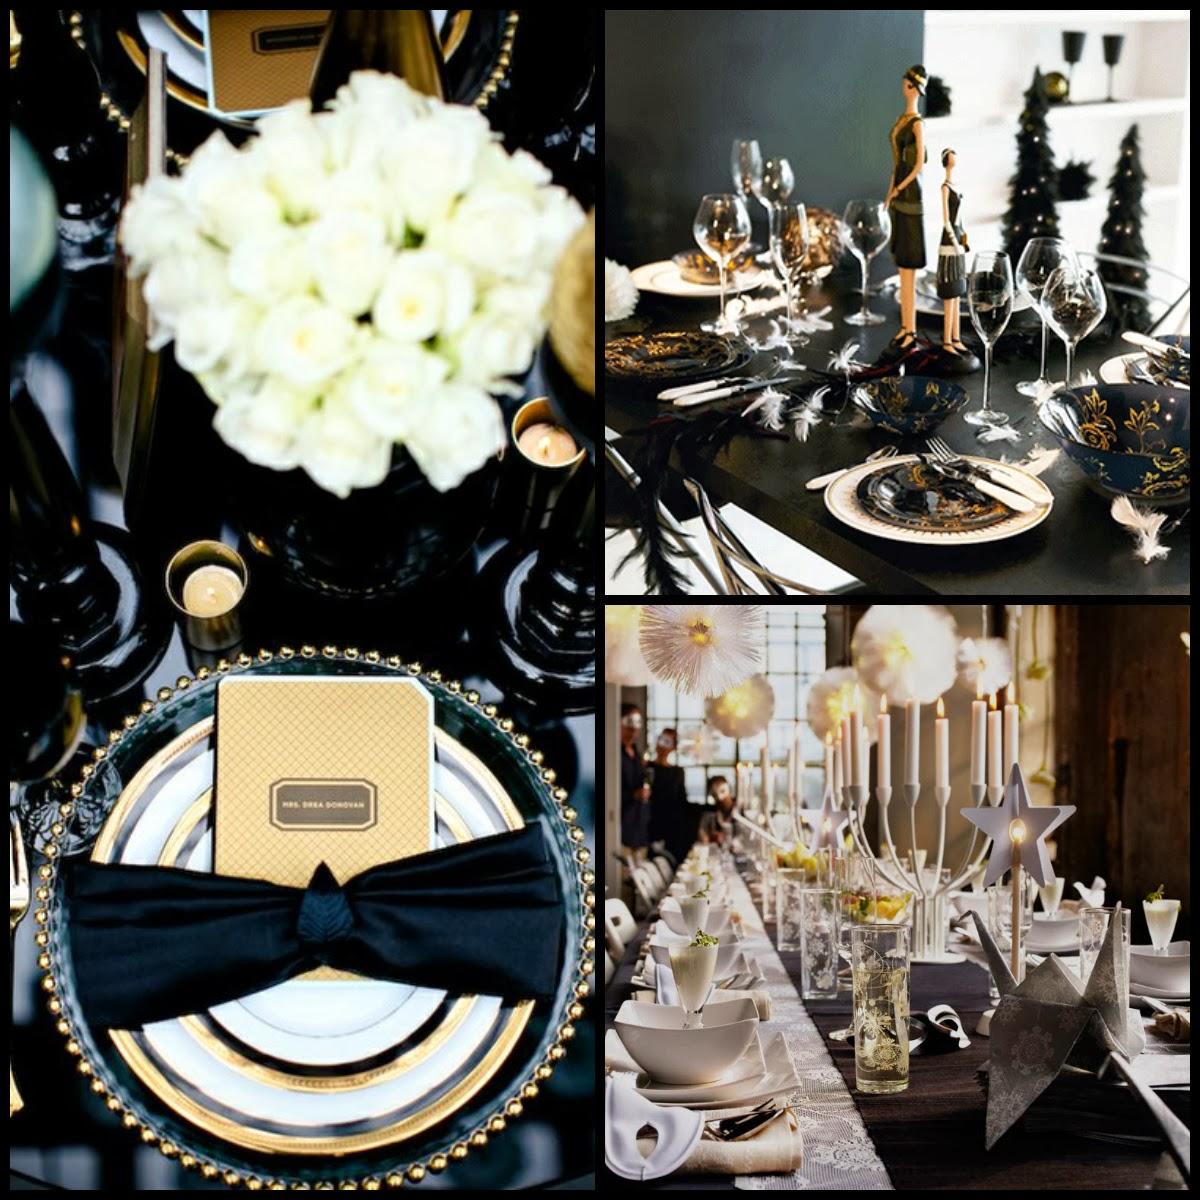 La casa dello stile capodanno tema e tavola per un party da ricordare lifestyle blog - Decorazioni tavola capodanno fai da te ...